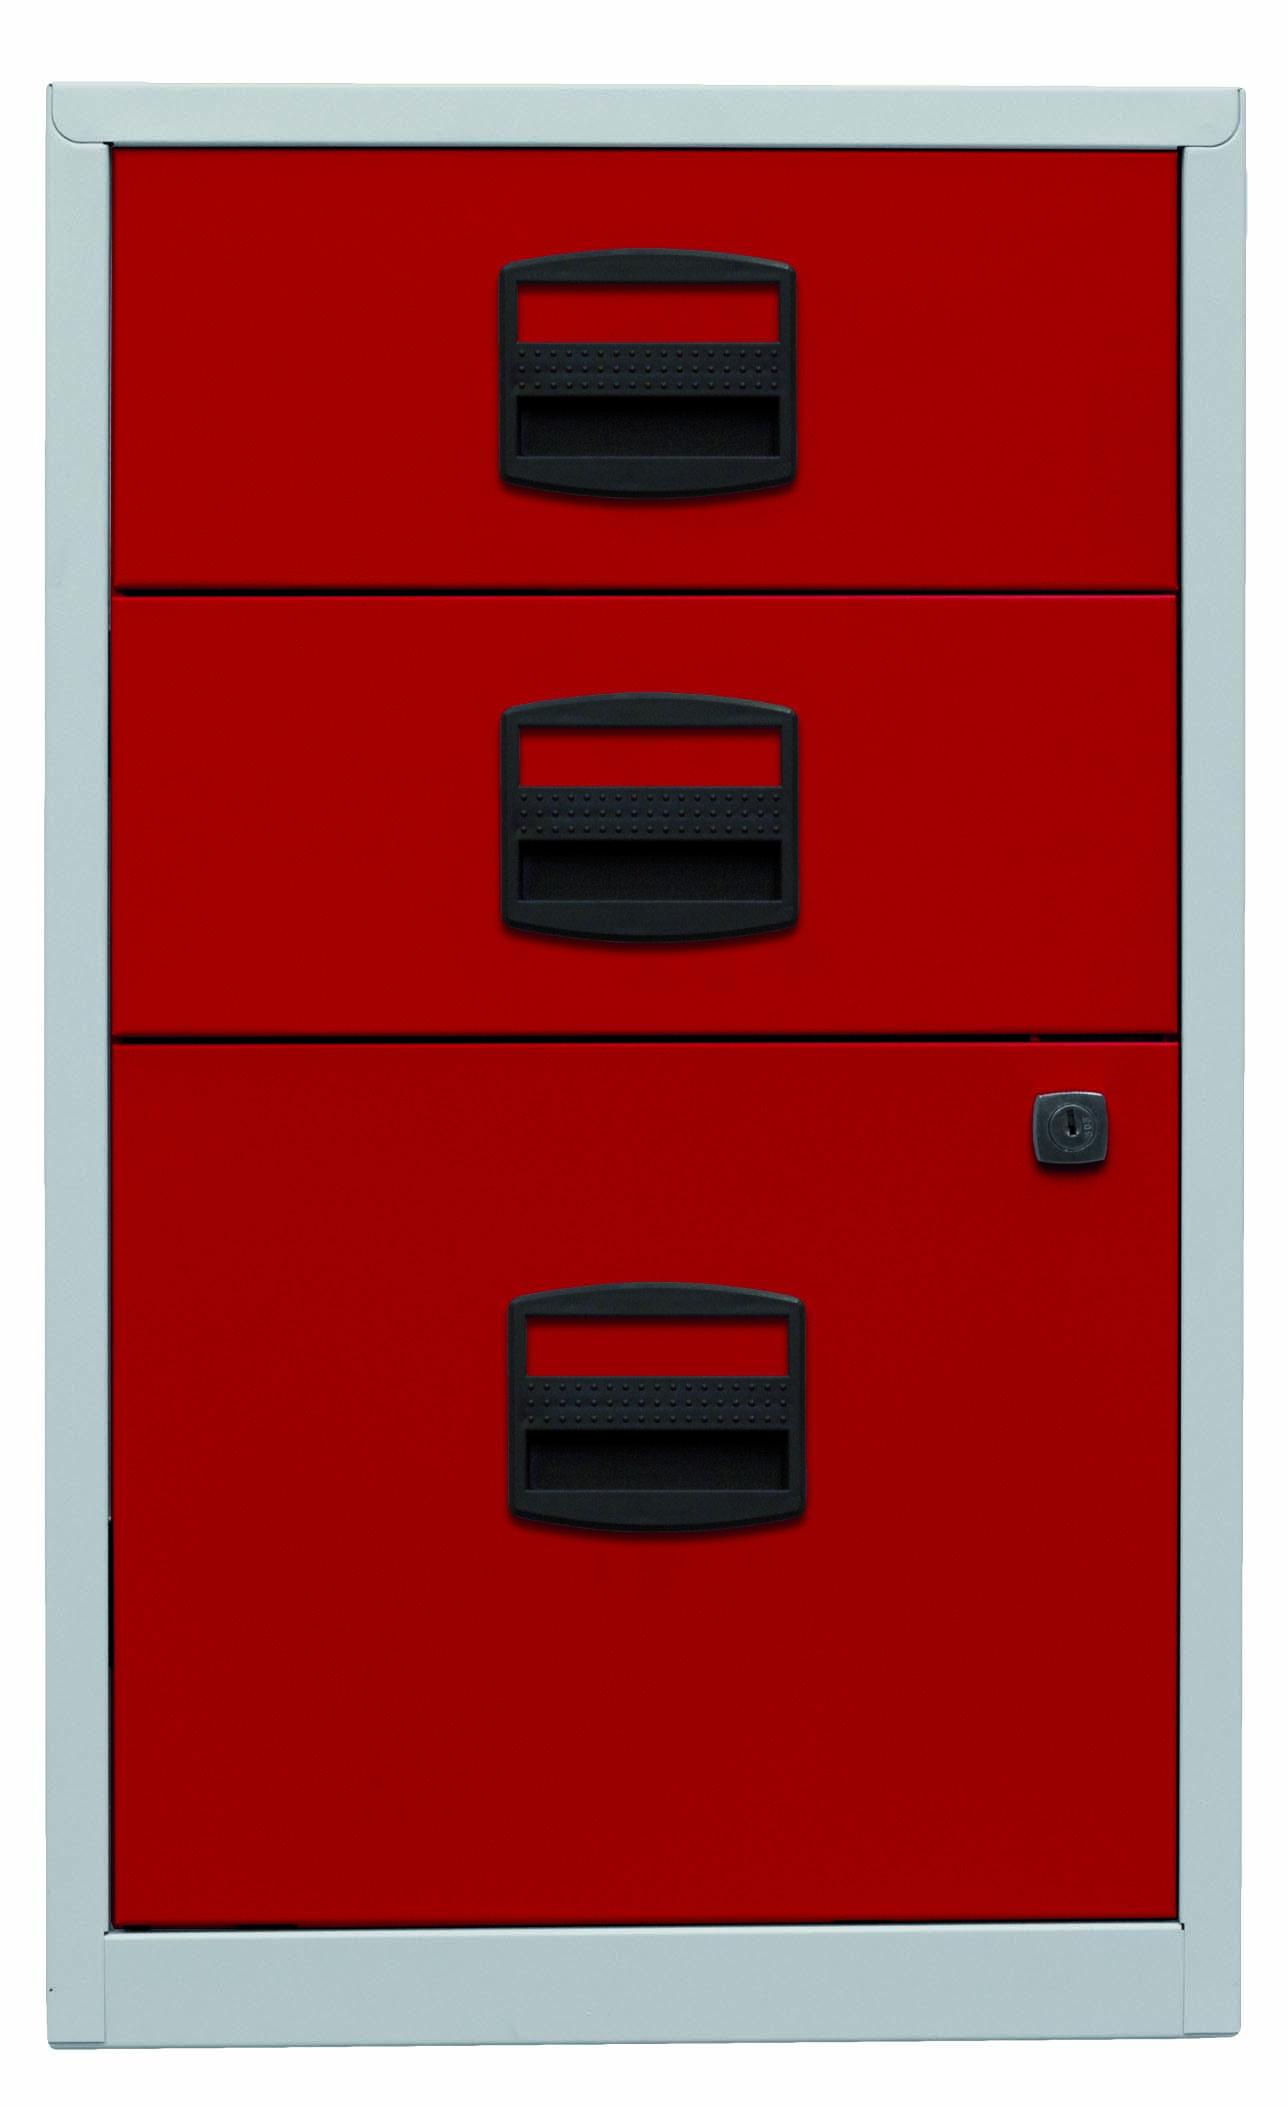 Beistellschrank PFA, 2 Universalschubladen, 1 HR-Schublade, Farbe Korpus lichtgrau, Fronten kardinalrot